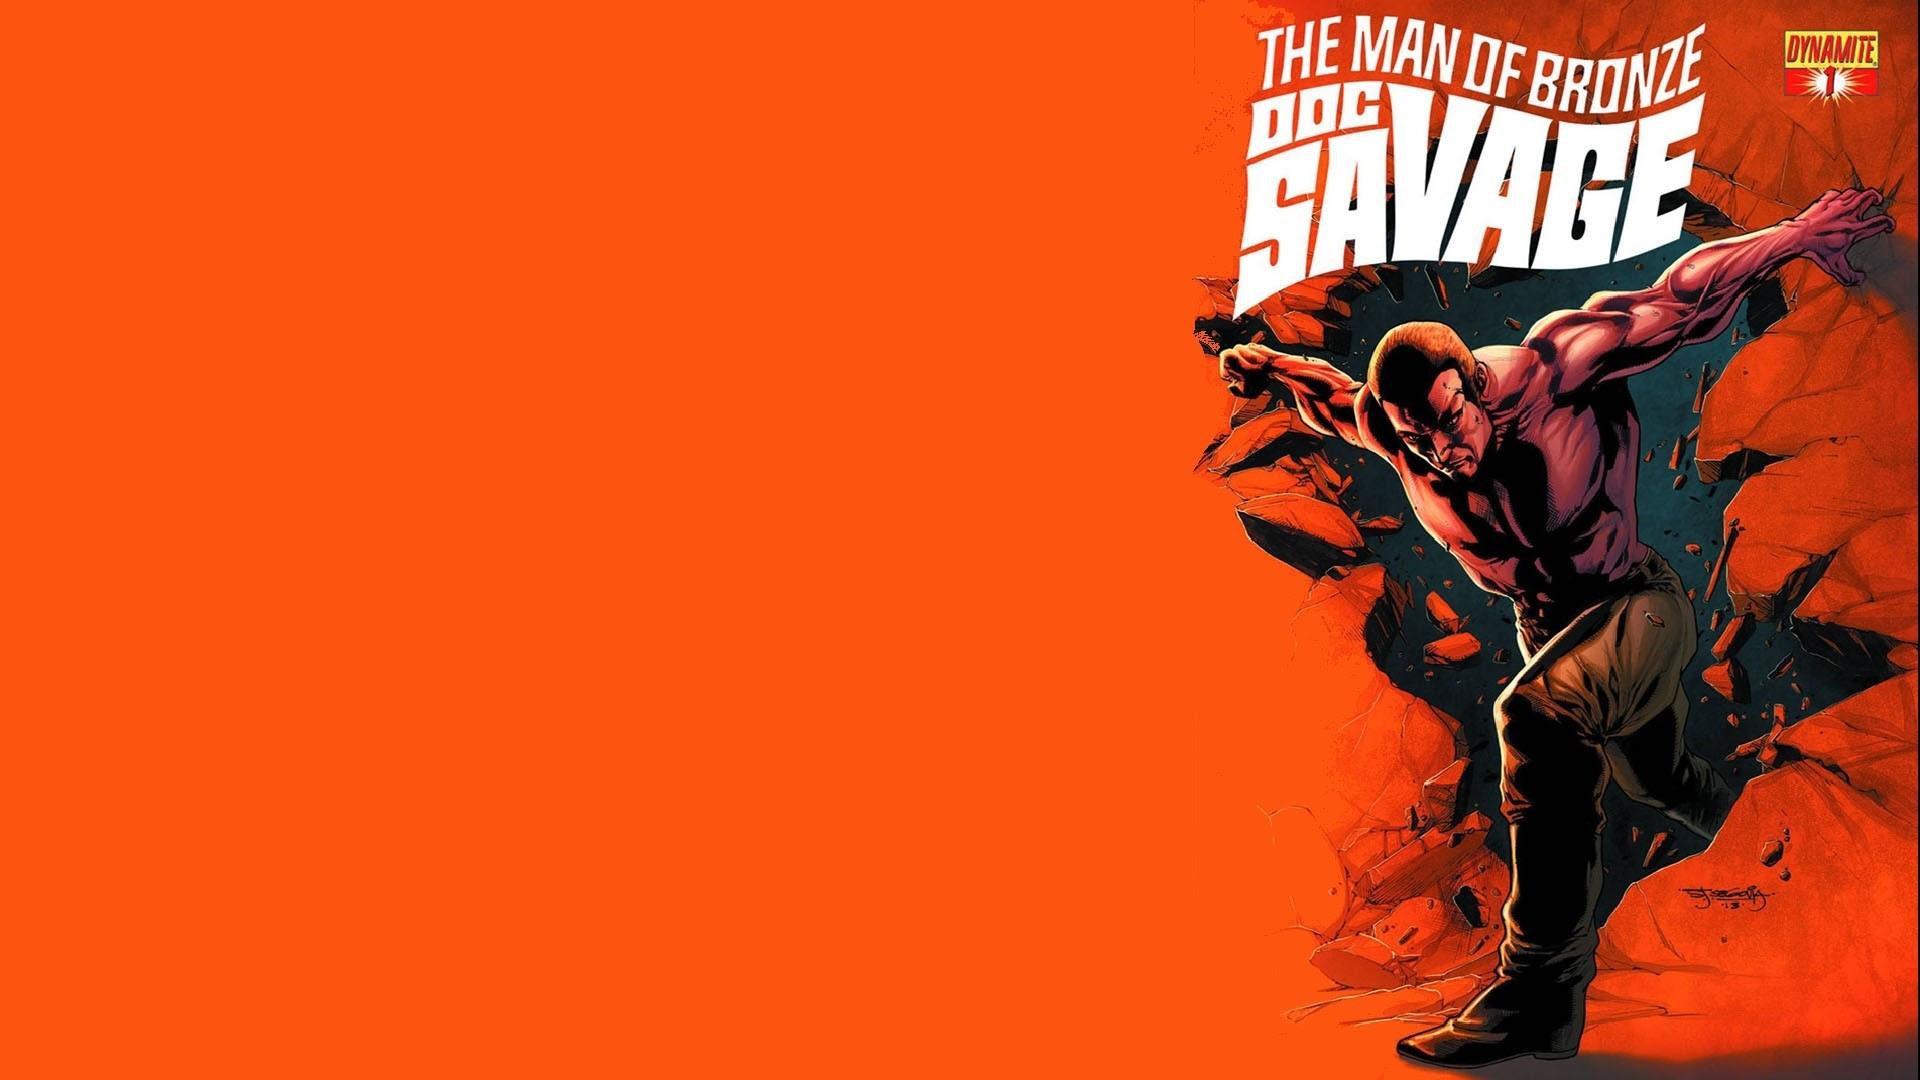 Savage Wallpaper 58 Images